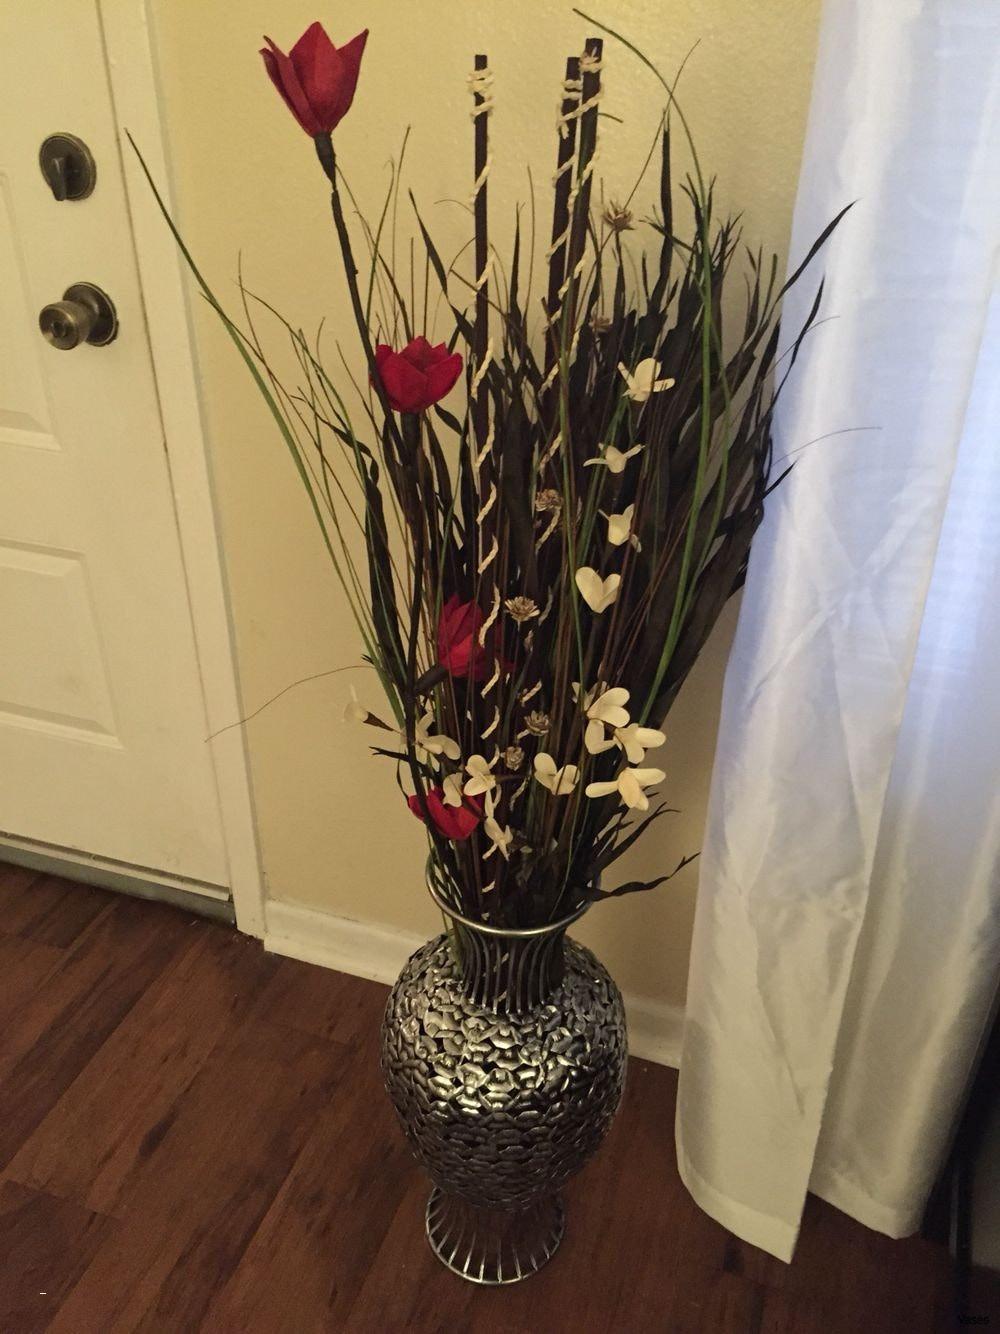 metal floral vases of stick lights new vases vase with sticks red in a i 0d 3d model and inside stick lights new vases vase with sticks red in a i 0d 3d model and lights ice